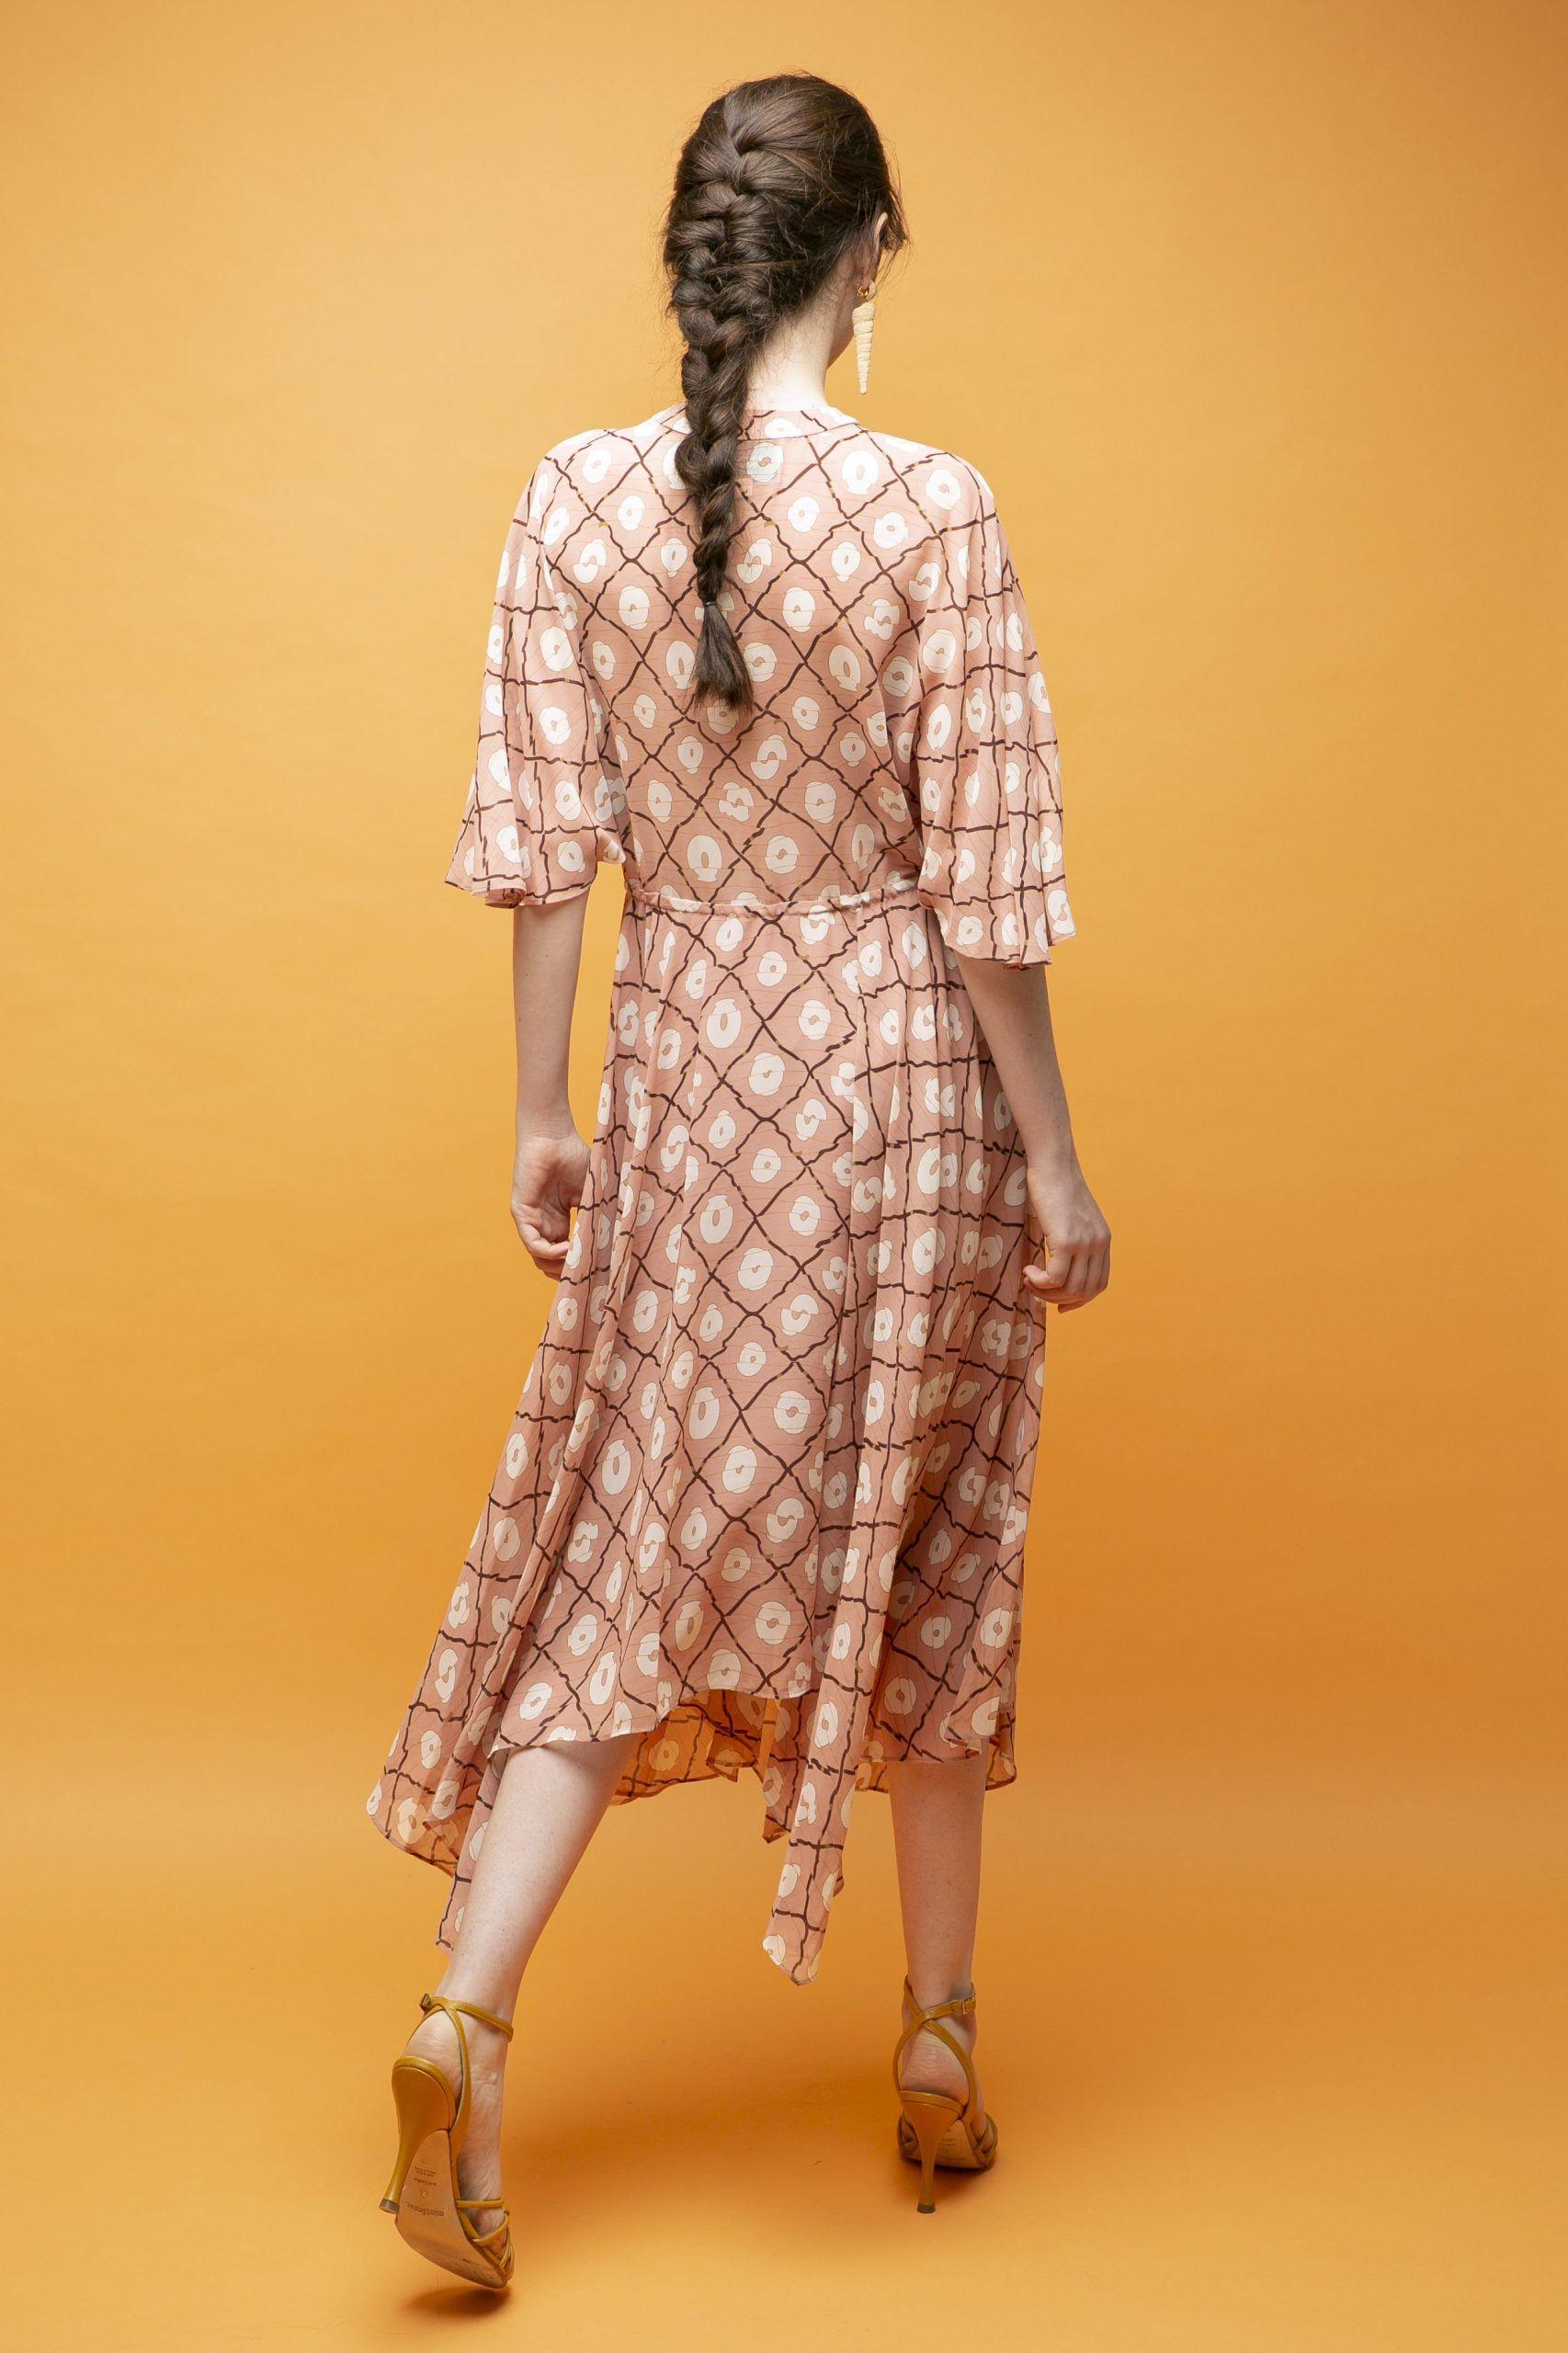 Alexis-Venla-vestido-4